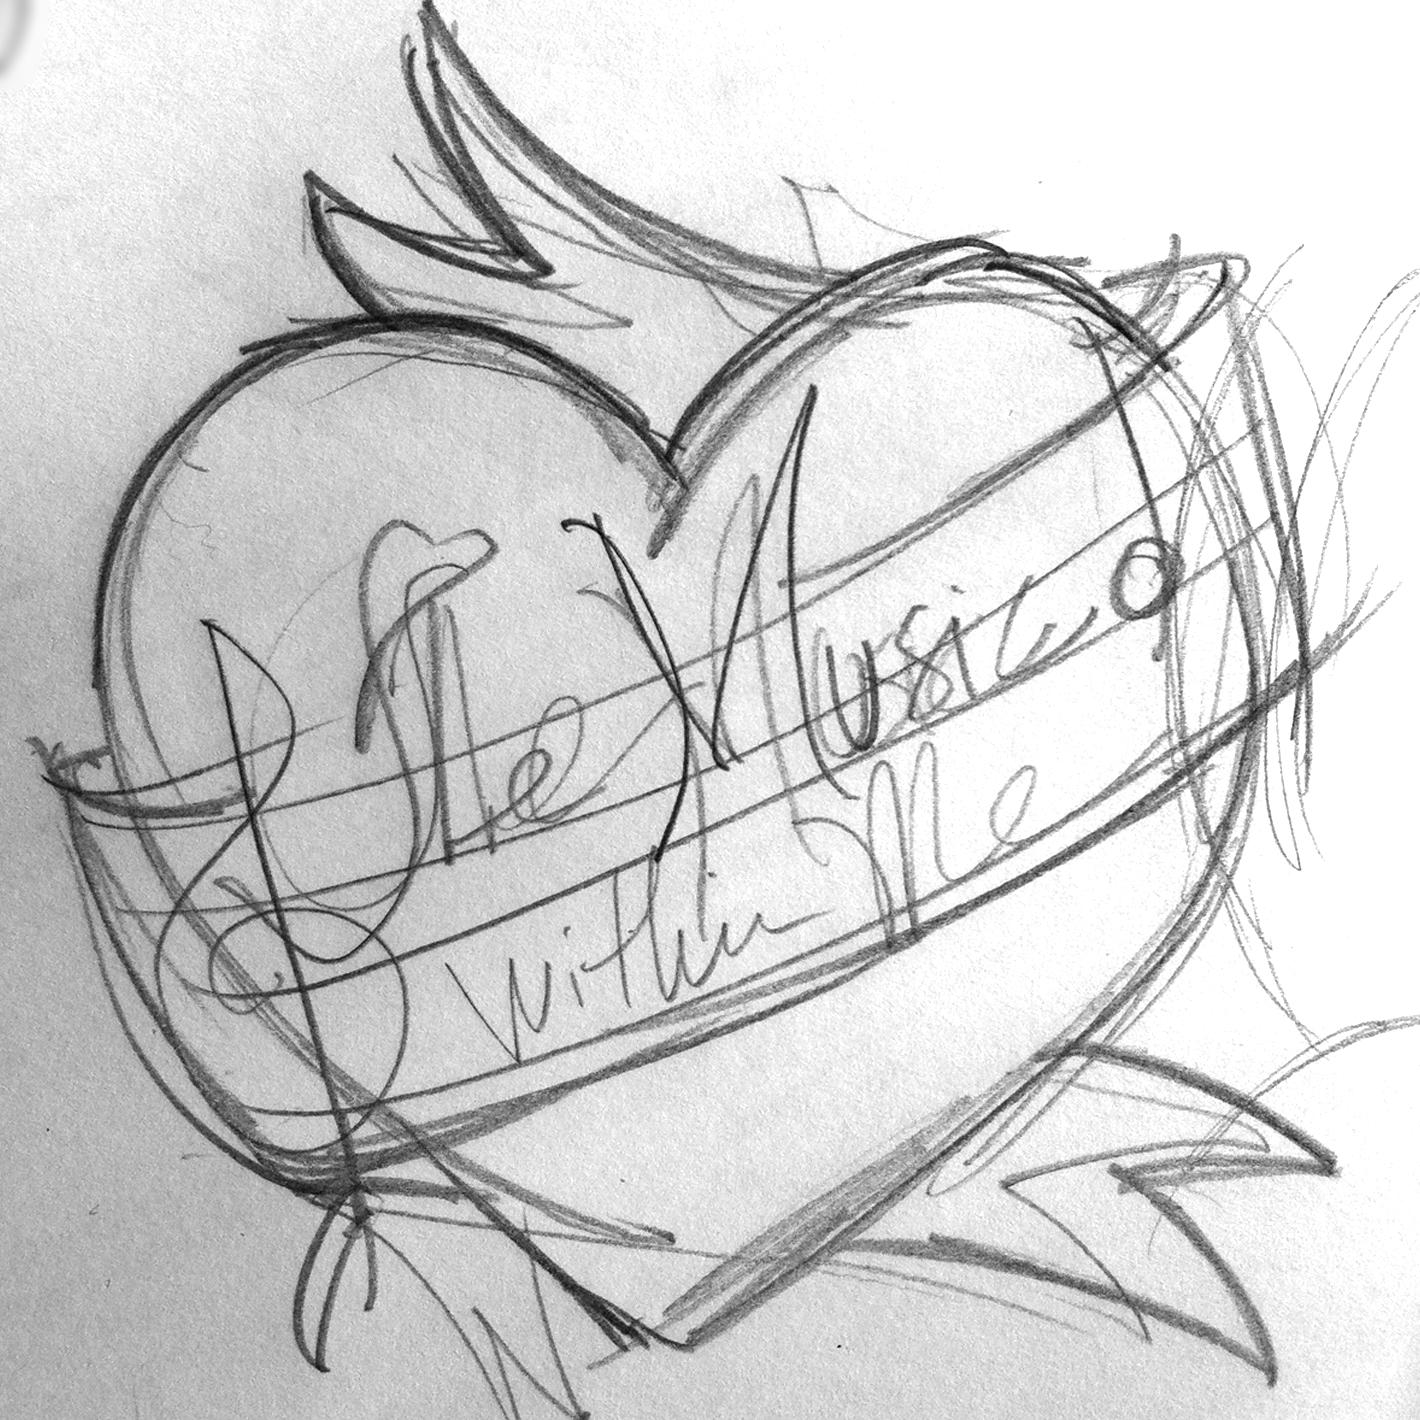 TMWM-original-sketch.jpg